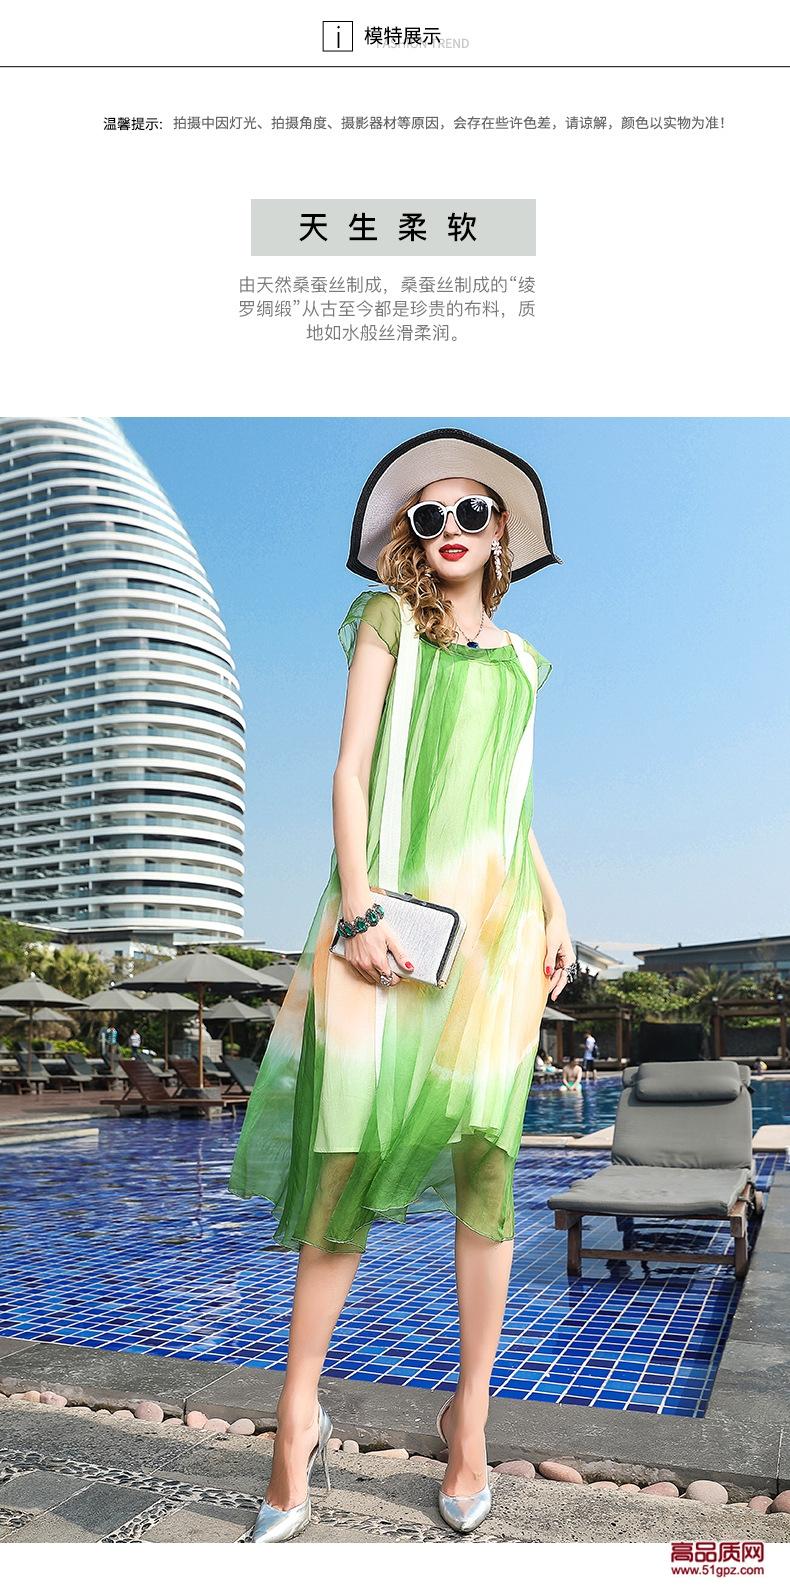 浅绿色真丝连衣裙夏季新款2018桑蚕丝印花中年女长裙海边度假沙滩裙